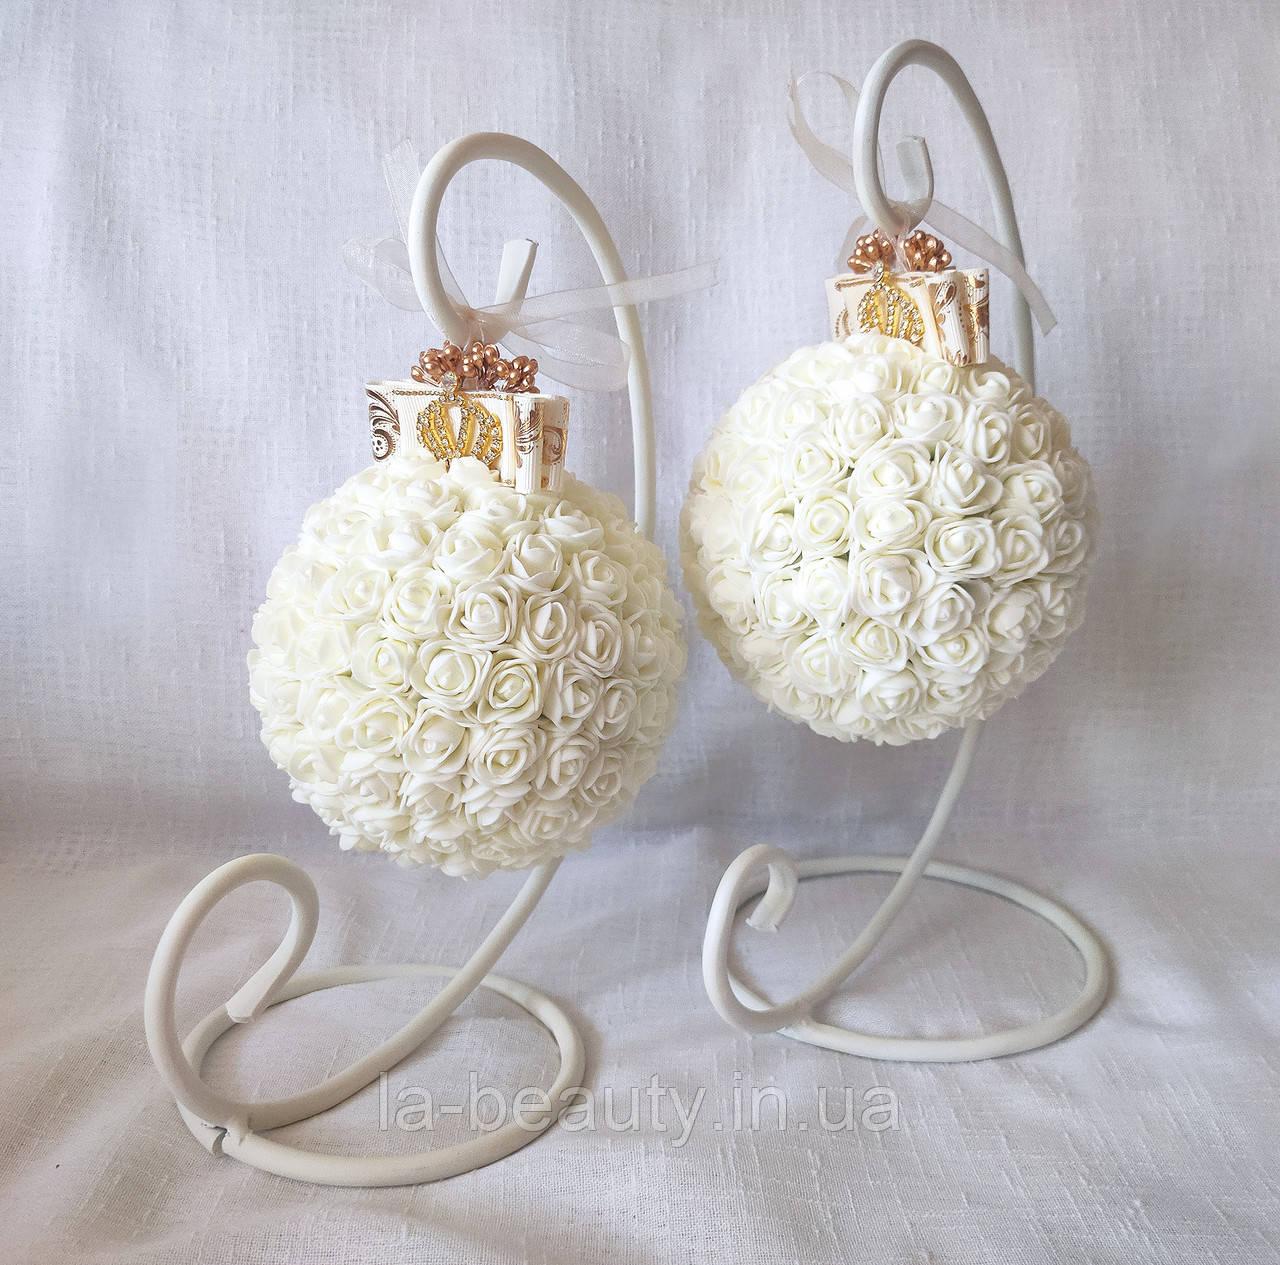 Декоративный шар из роз для интерьера или свадьбы айвори Ivory шебби шик